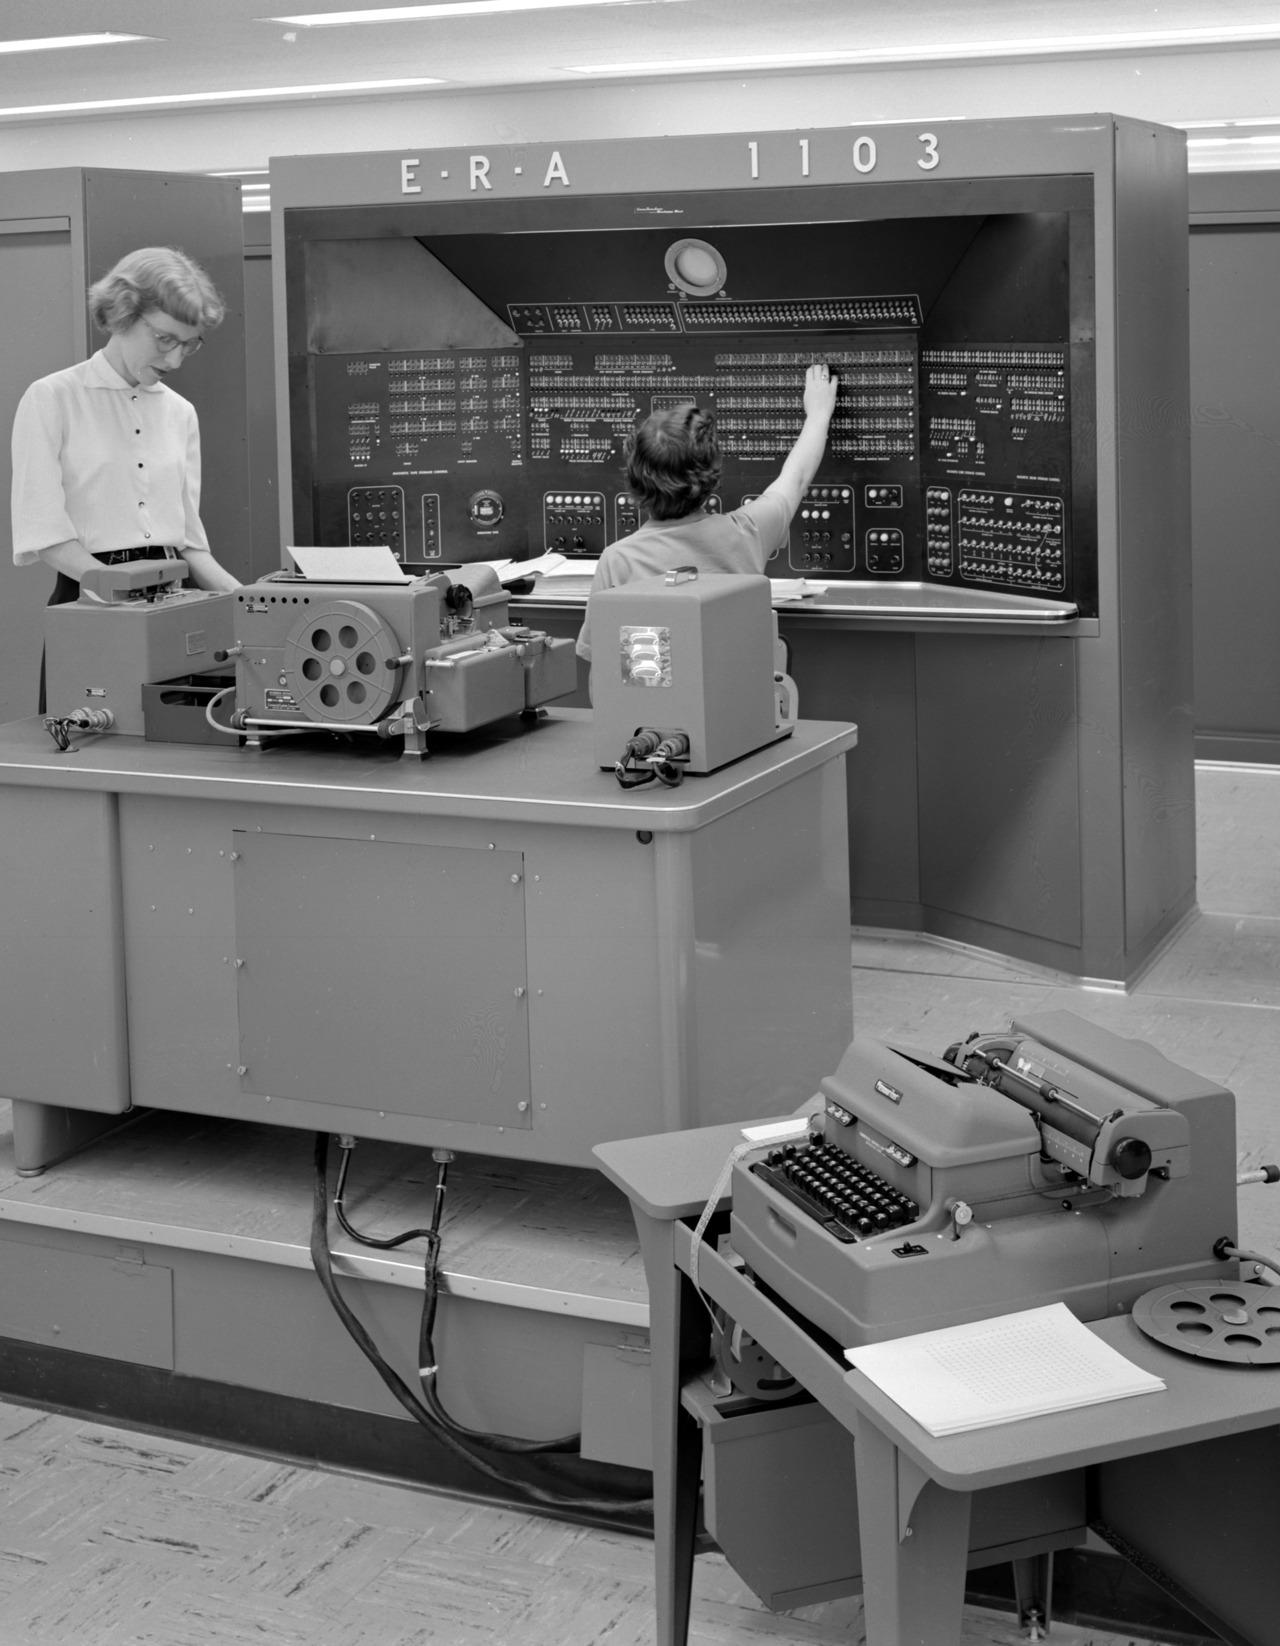 Забытый день рождения эвм.  4 декабря 1948 года в ссср была подана заявка на изобретение цифровой электронно-вычислительной машины